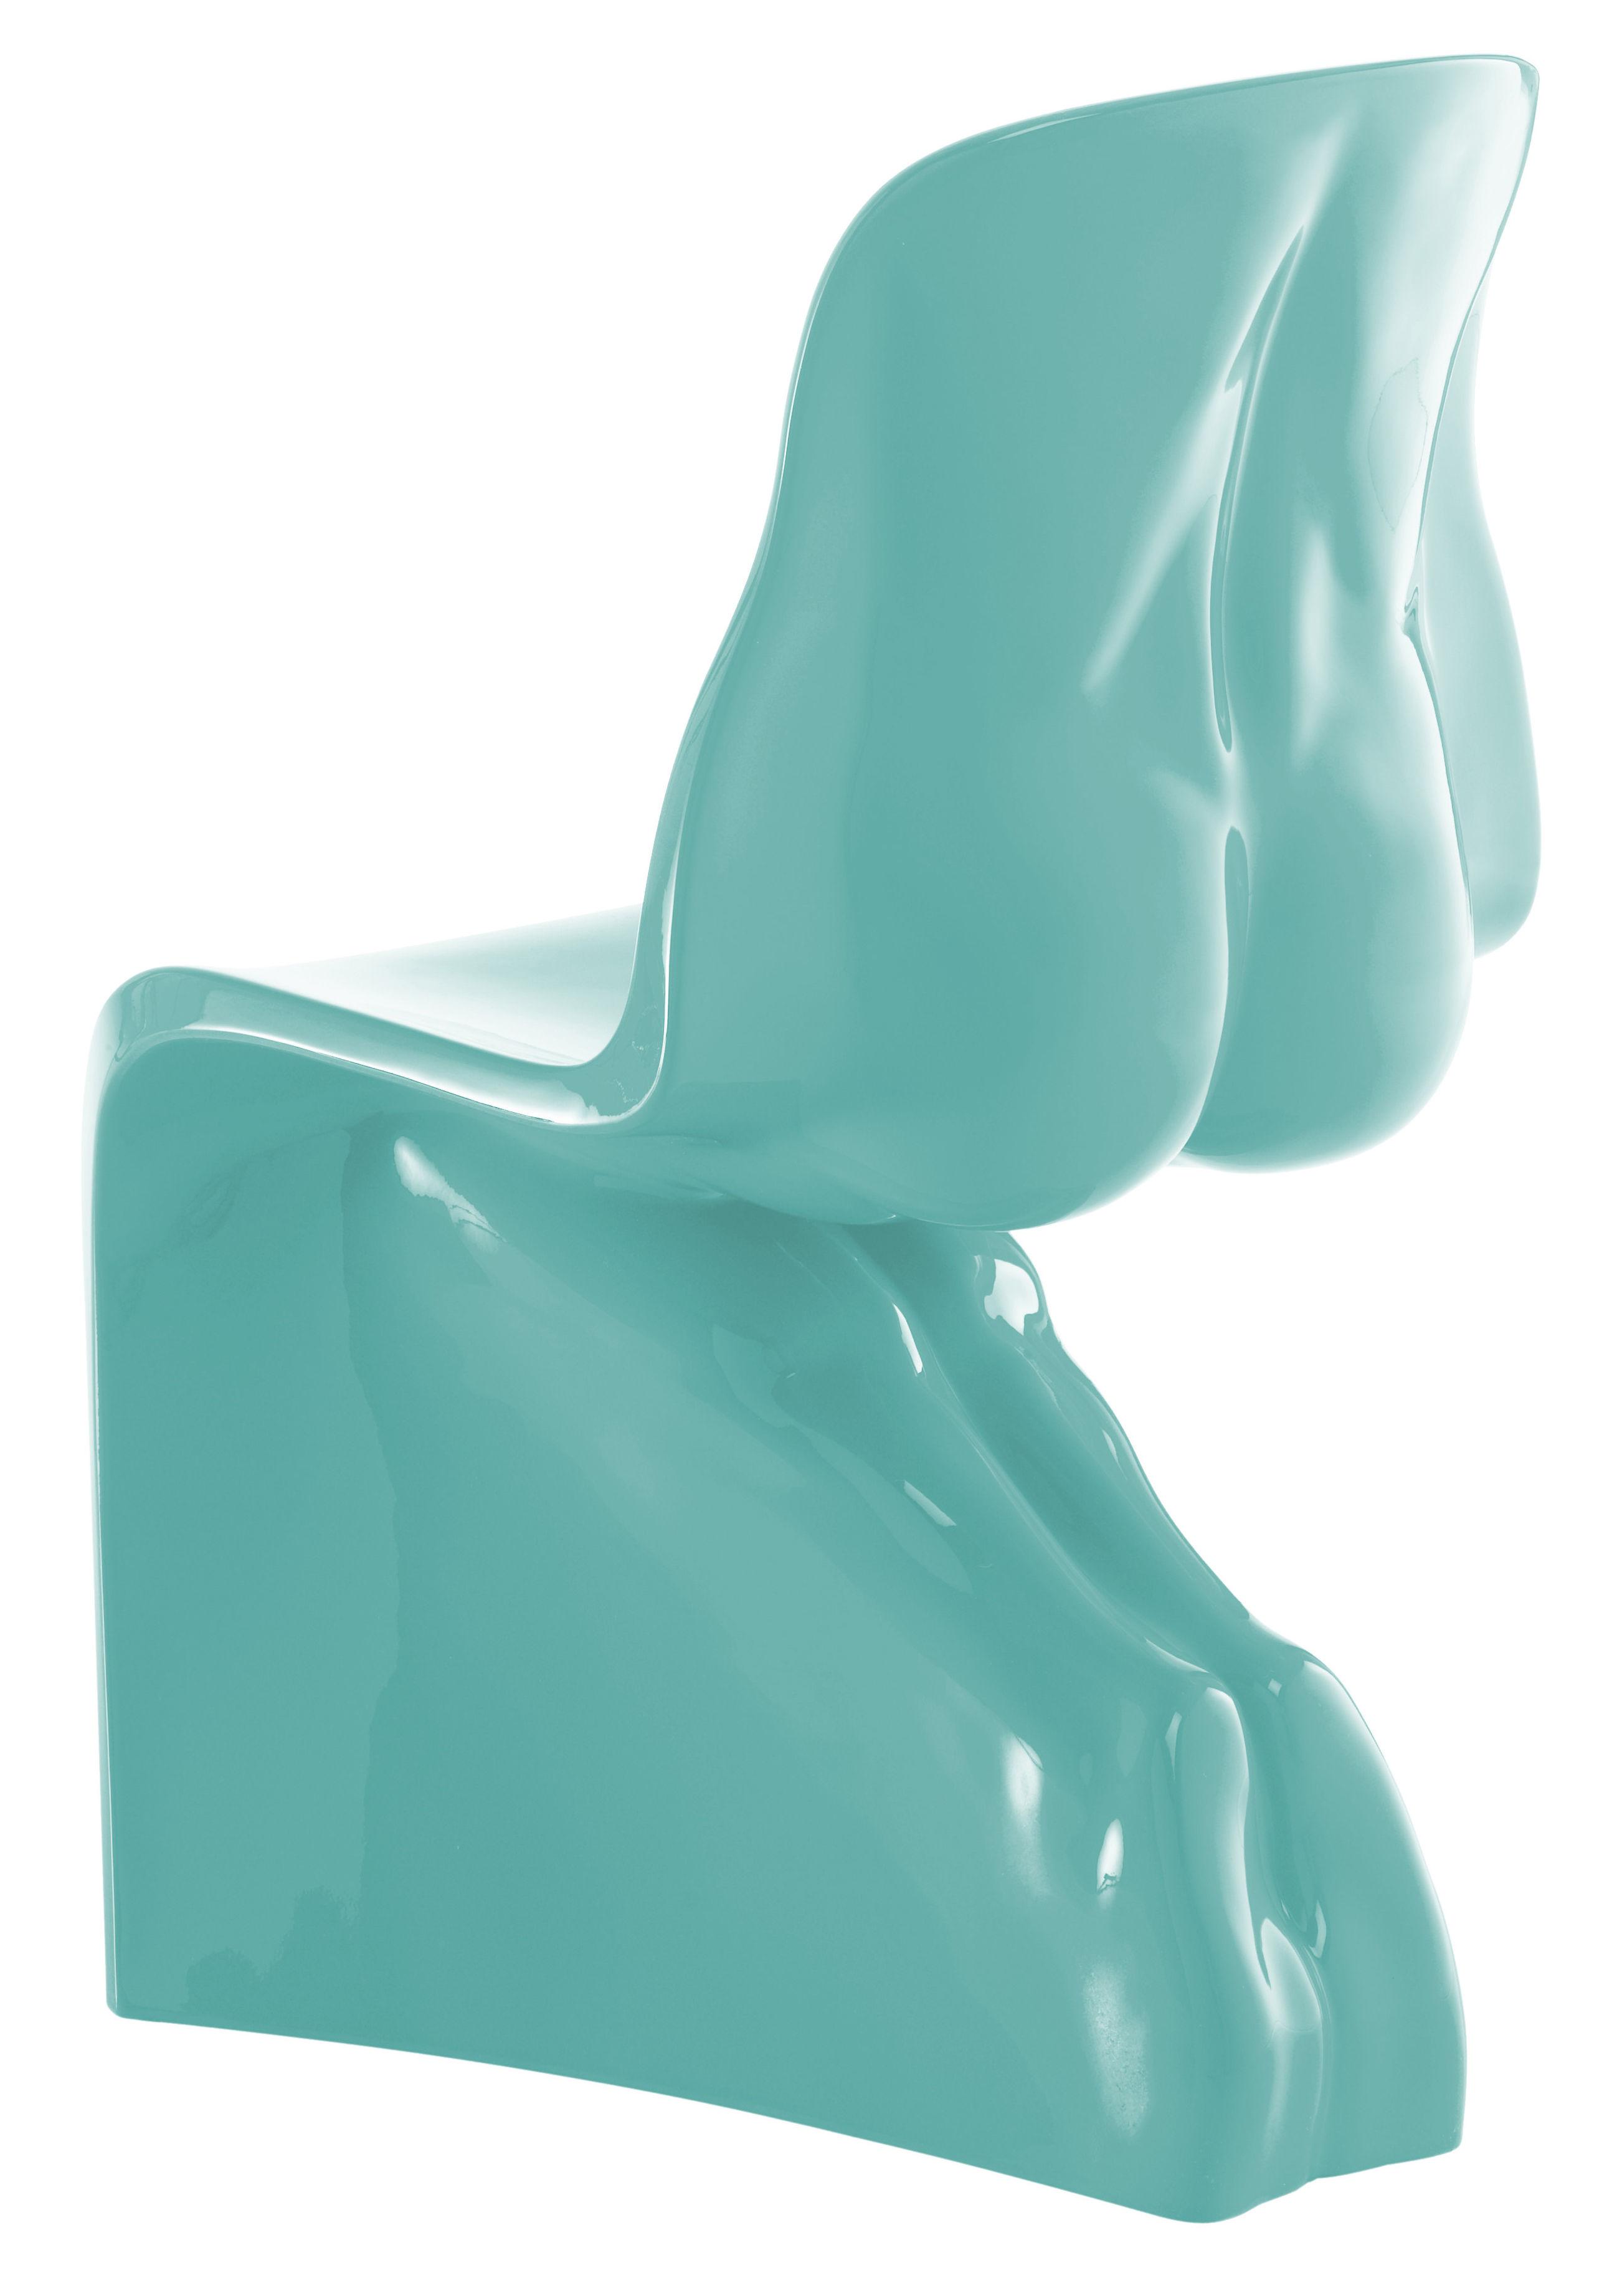 Möbel - Stühle  - Him Stuhl lackiert - Casamania - Himmelblau - Polyäthylen